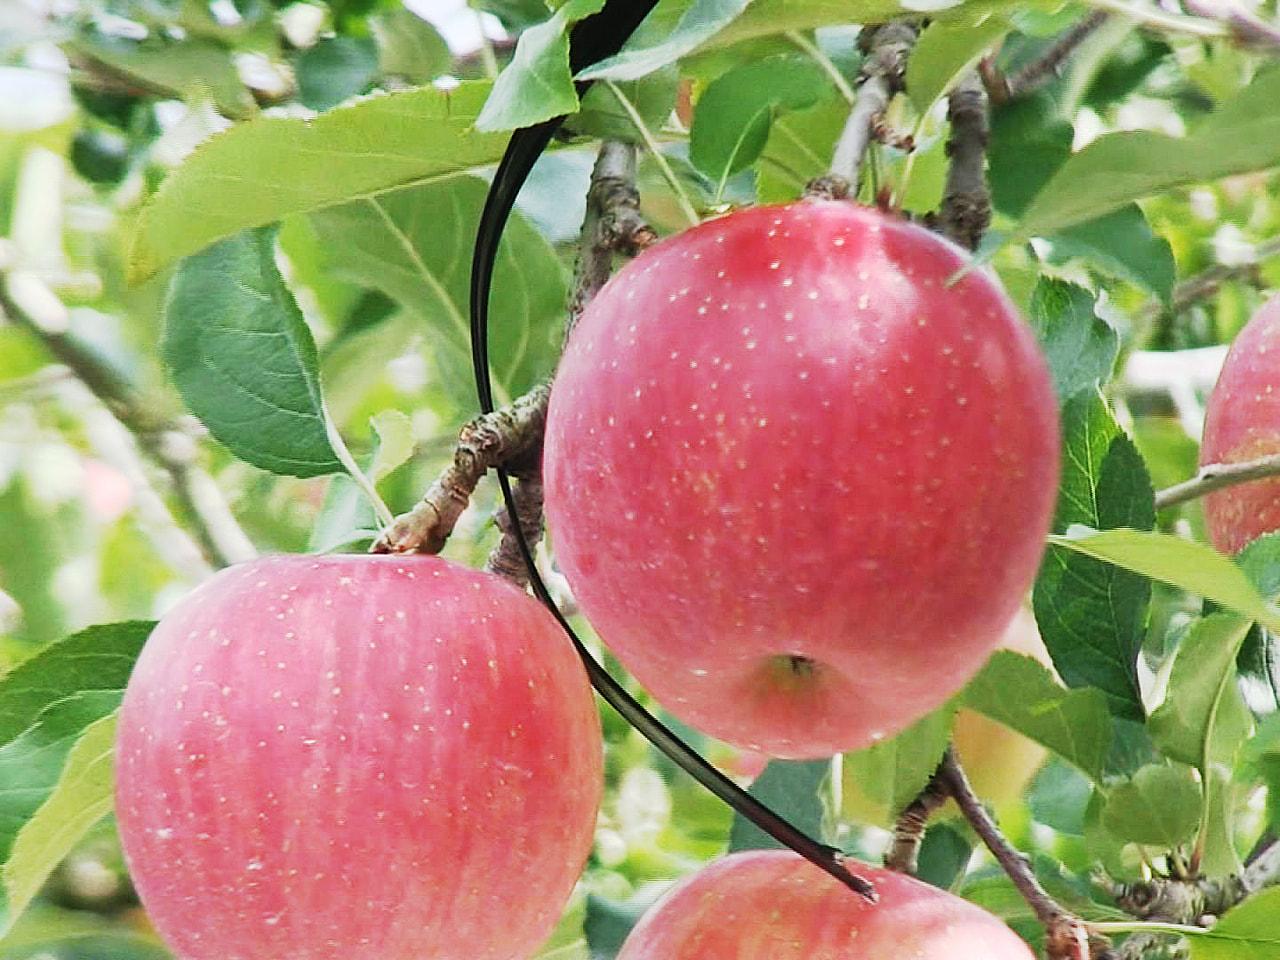 飛騨の秋の味覚を代表するリンゴの収穫作業が、岐阜県高山市で始まっています。 高山...